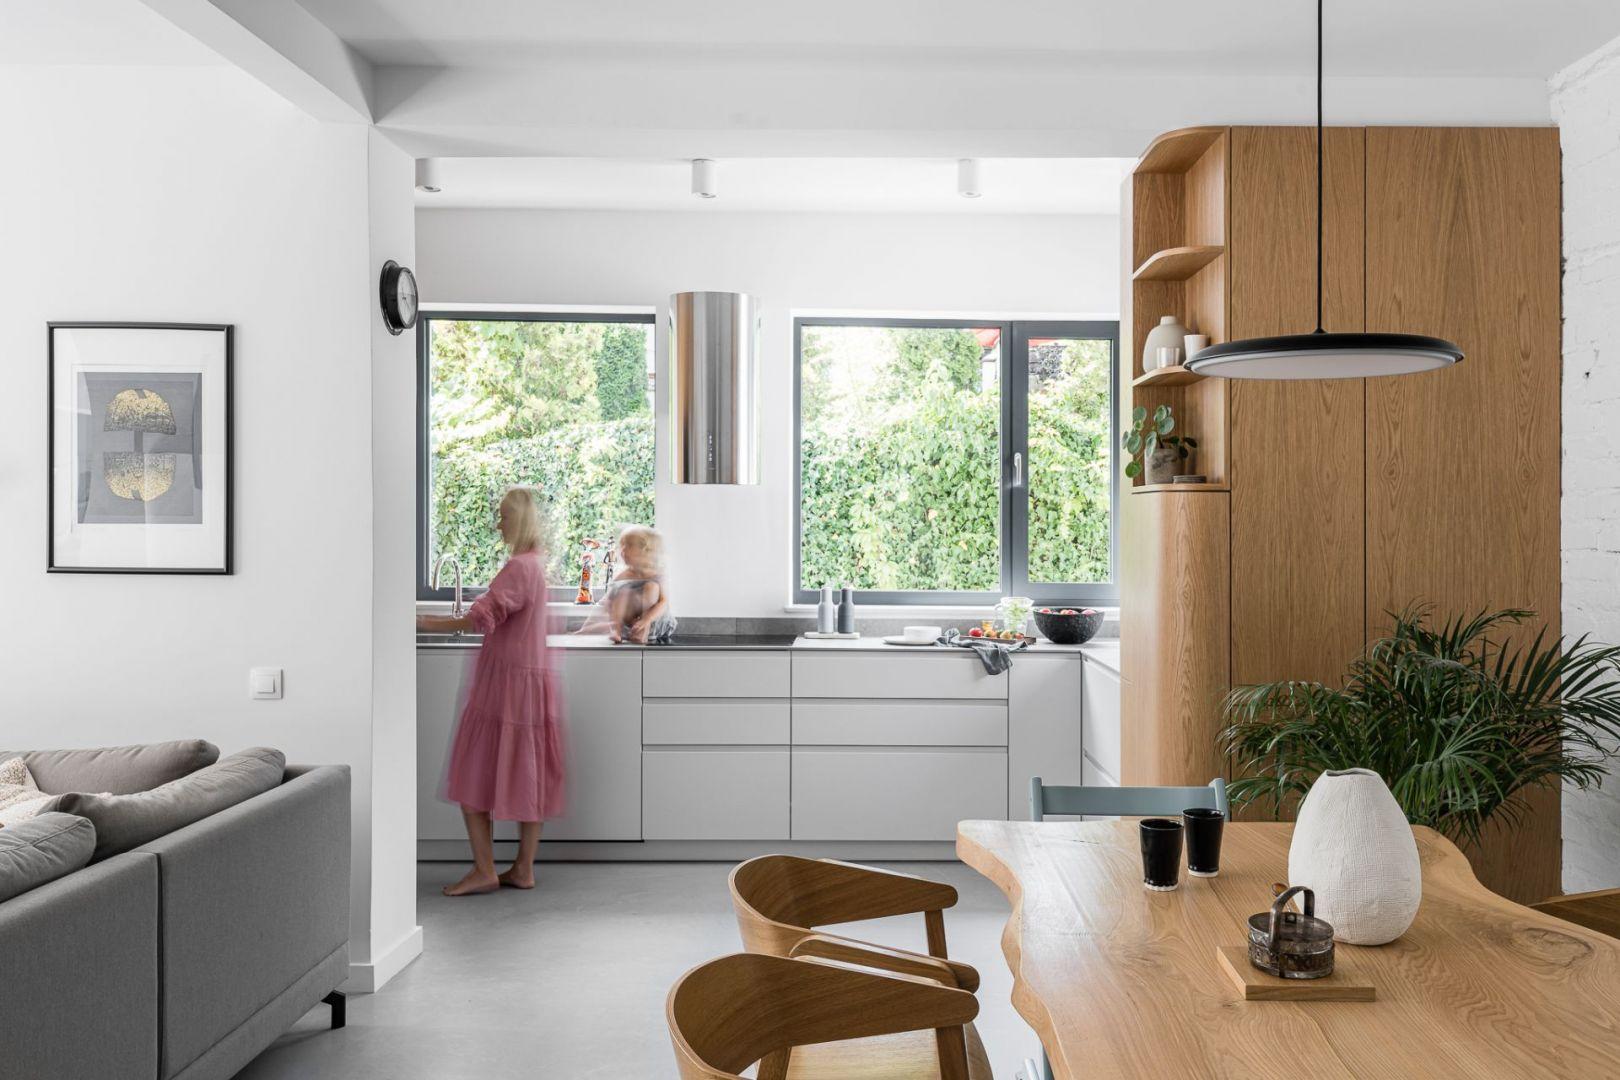 Projekt: pracownia and.home. Zdjęcia: Katarzyna Seliga-Wróblewska, Marcin Wróblewski/Fotomohito